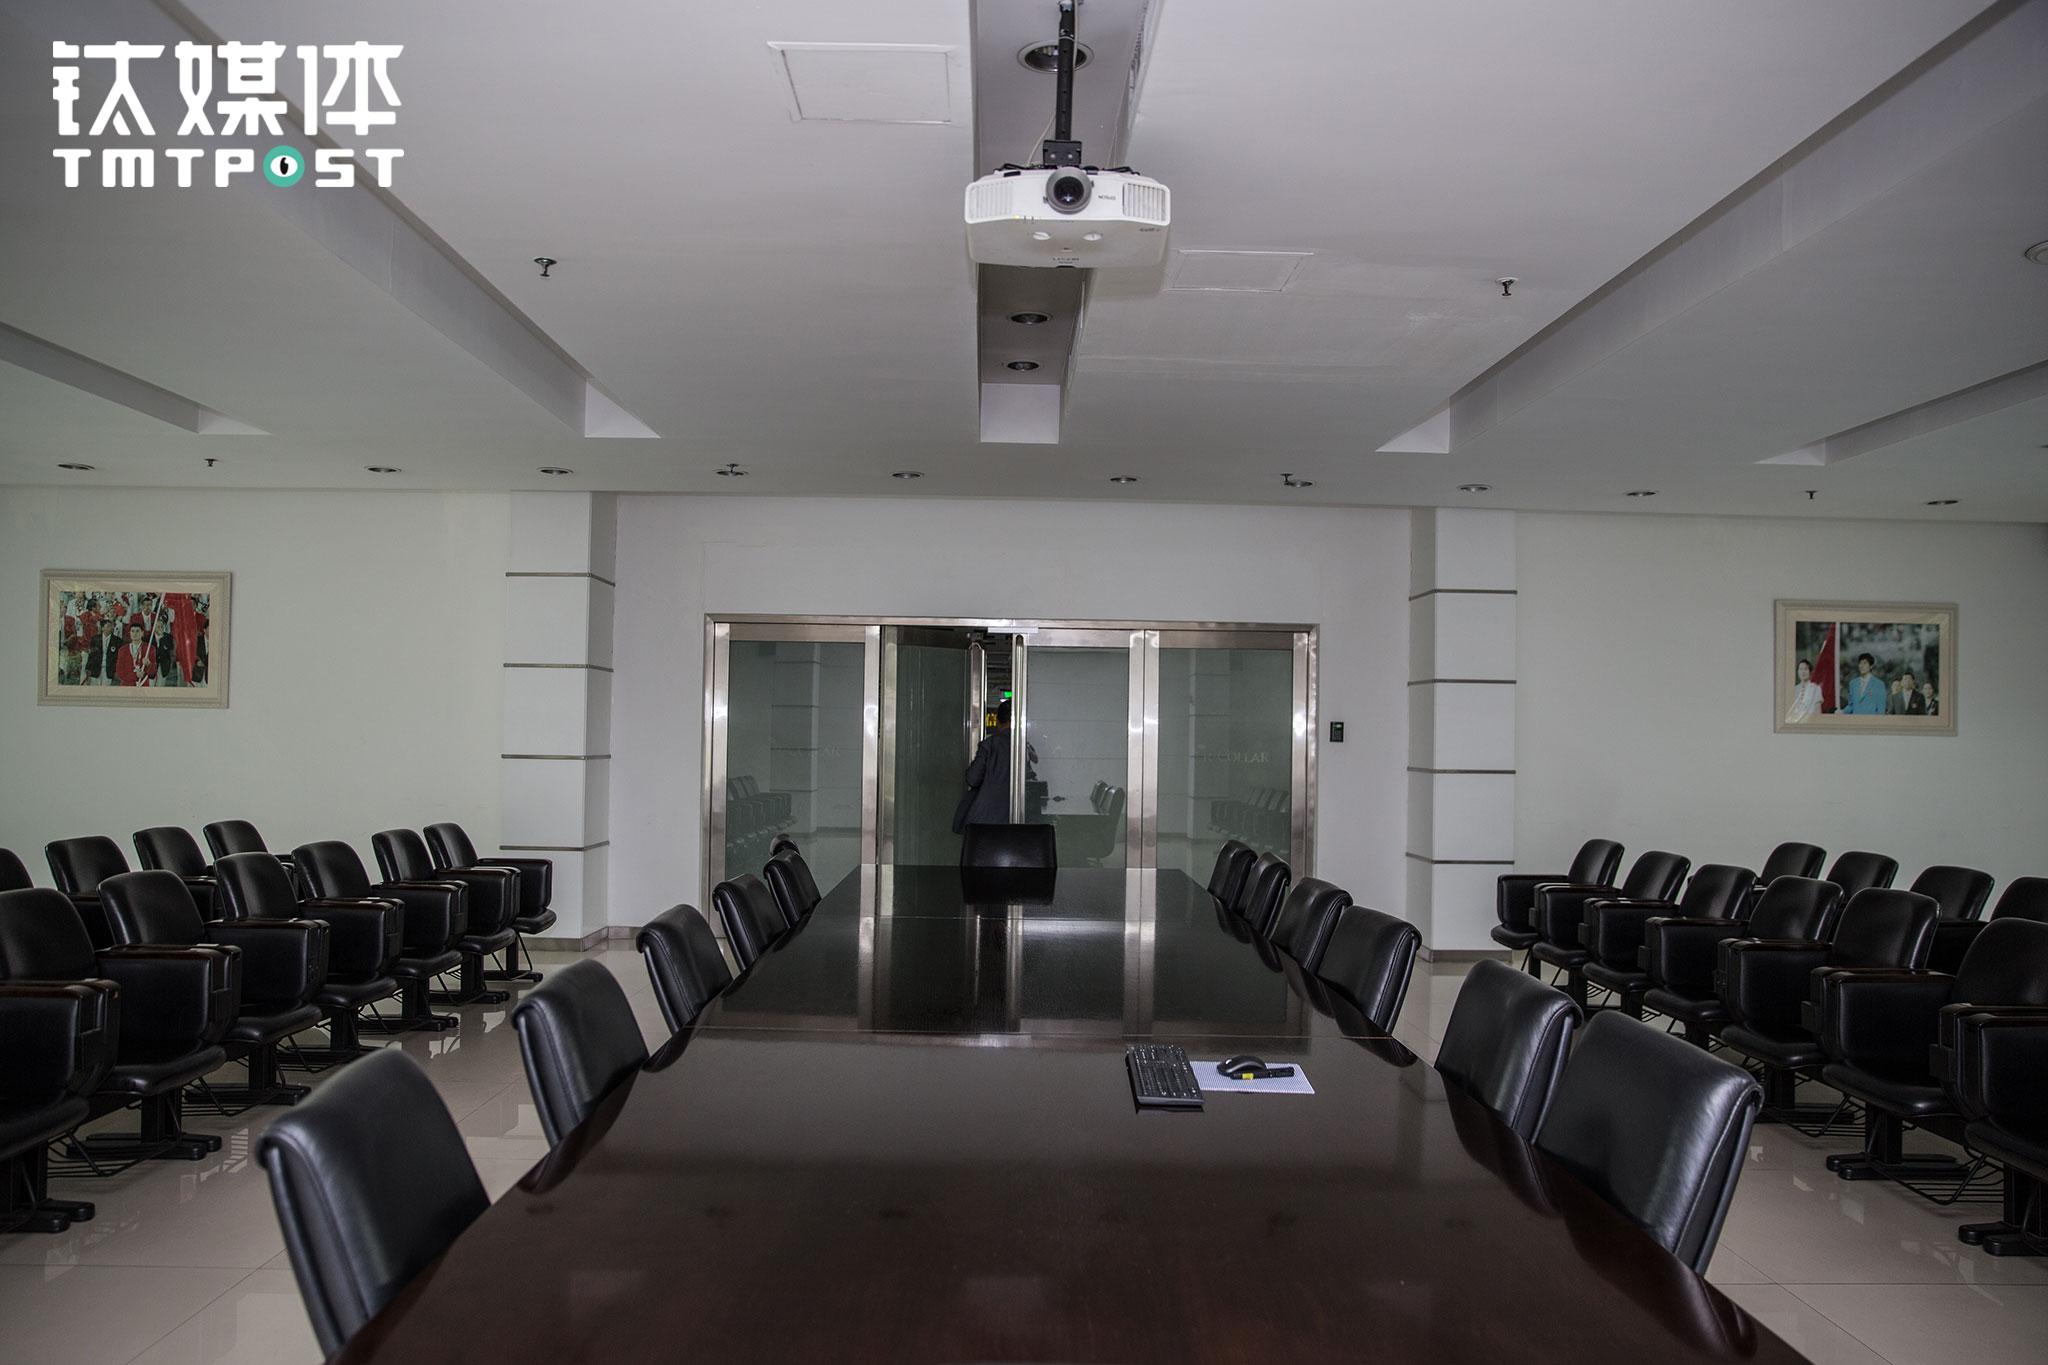 紧邻成衣展示体验区域是一个大会议室,会议室一门之隔就是车间。会议室非常安静,但推开这扇大门,车间生产线热的鼎沸之声扑面而来,瞬间将人带入另一个世界。